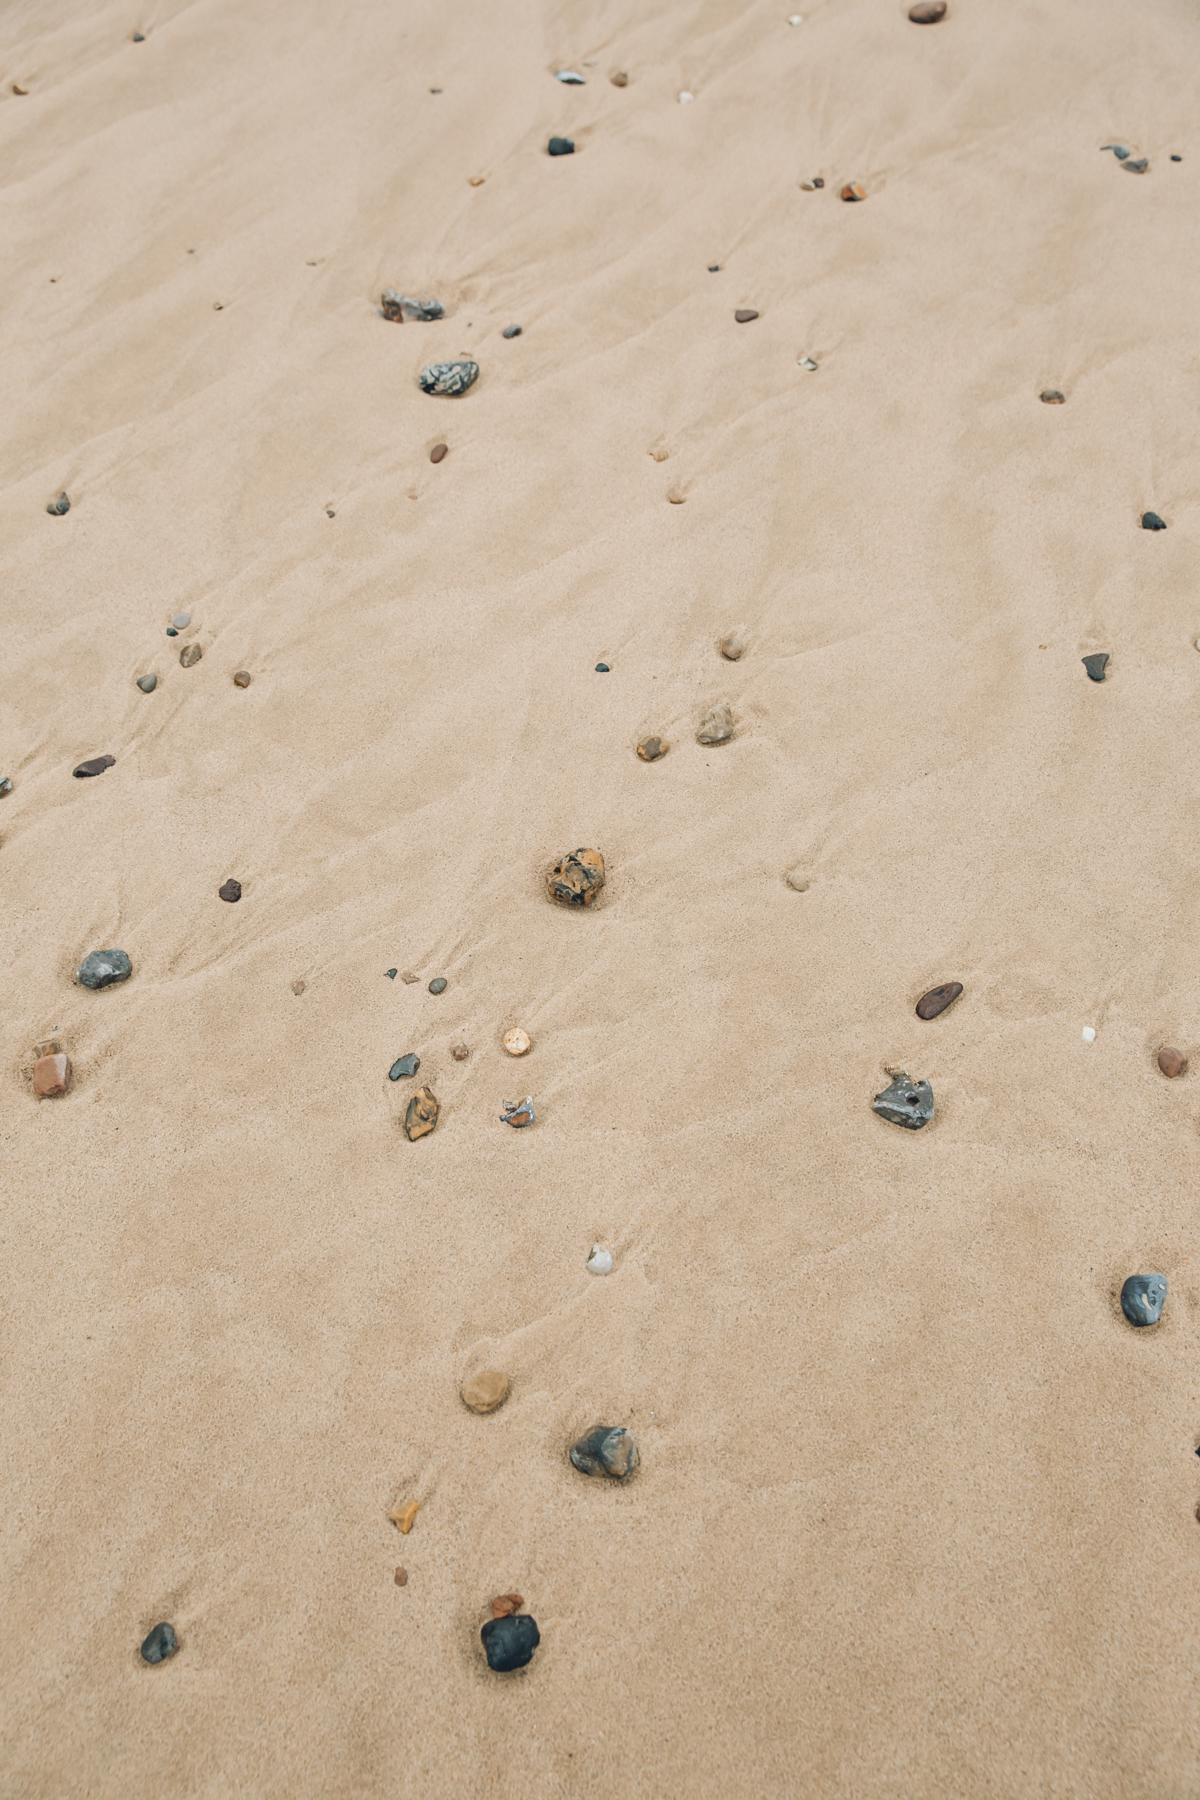 Beach textures.